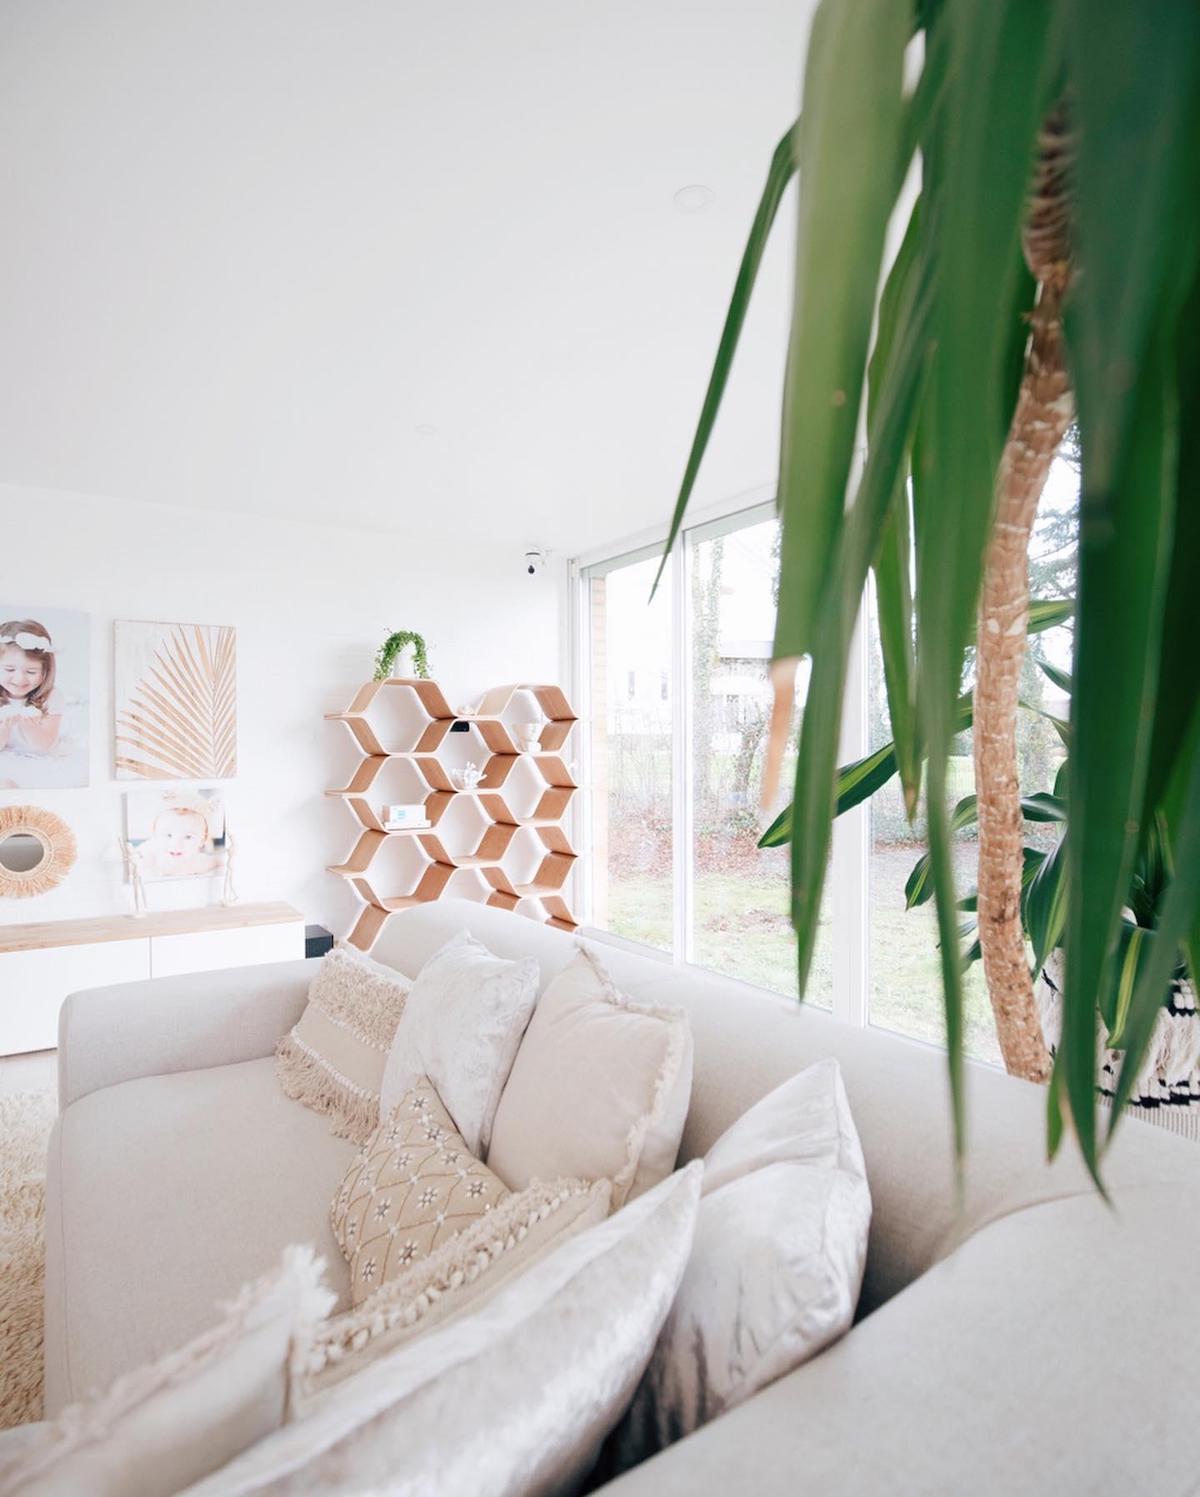 blog déco salon lumineux épuré bohème coussin frange étagère ovale bois naturel